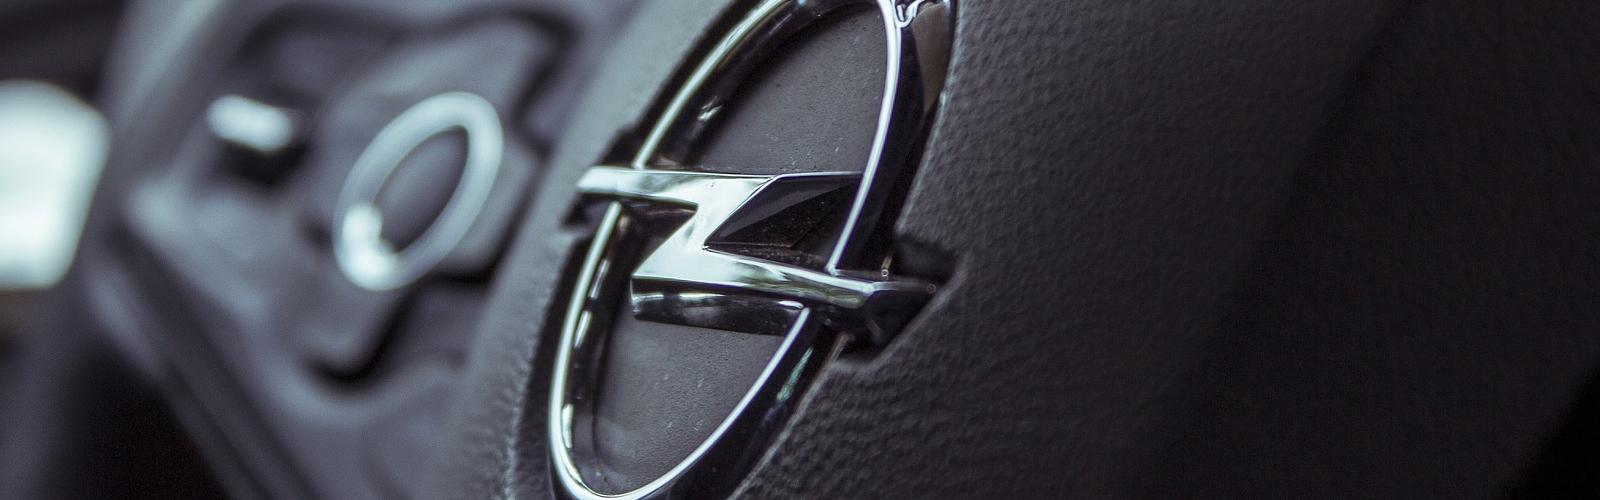 Jetzt auch Euro-6-Diesel betroffen - Opel erneut unter Manipulationsverdacht